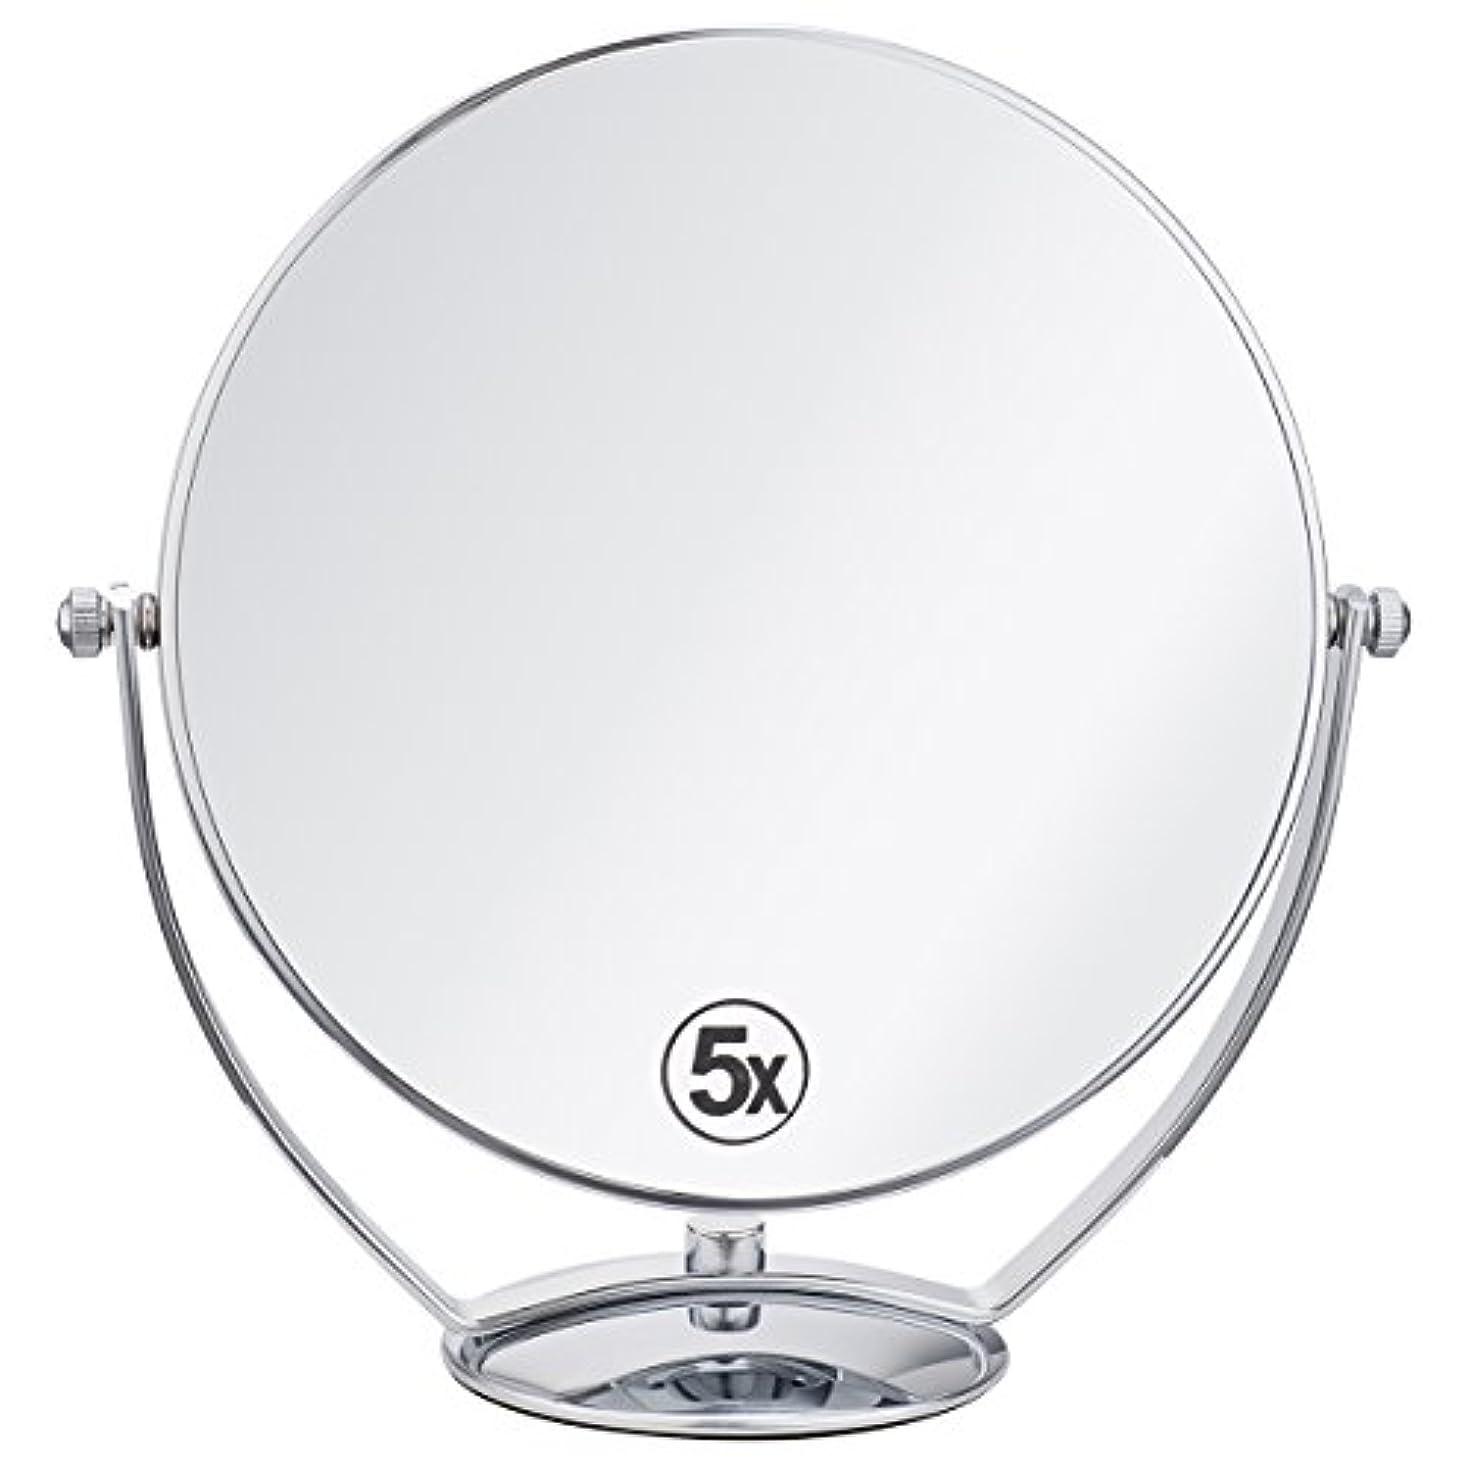 追跡深めるフォアタイプ(セーディコ)Cerdeco 西洋風鏡 真実の両面鏡DX 5倍拡大鏡+等倍鏡 両面化粧鏡 360度回転 卓上鏡 スタンドミラー メイク道具 大きい鏡面φ198mm j823